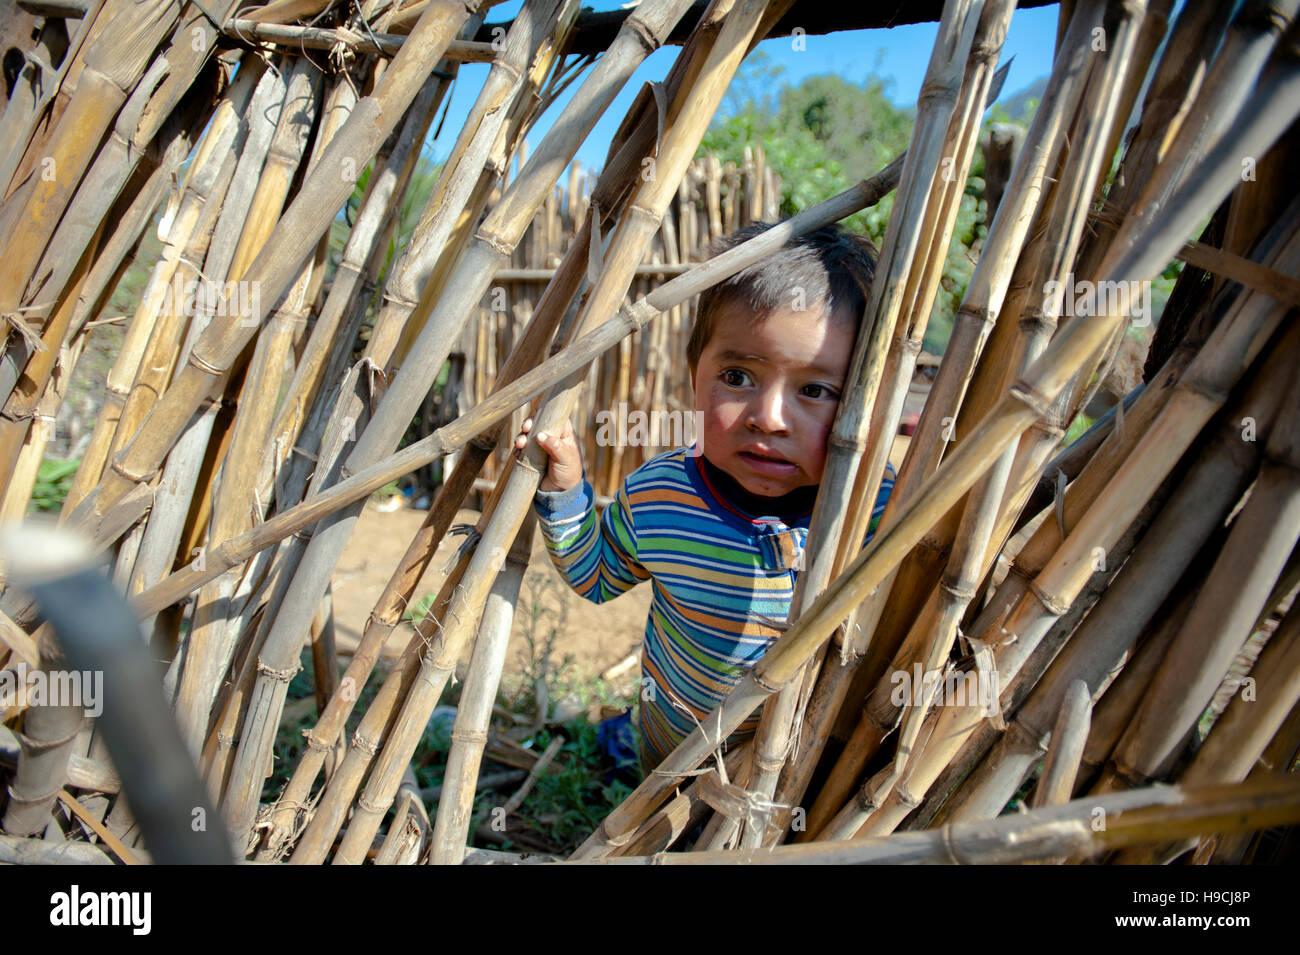 Maya ragazzo indigeni a casa in mano de Leon, piccolo villaggio remoto al di fuori di antigua, sacatepequez, guatemala. Immagini Stock